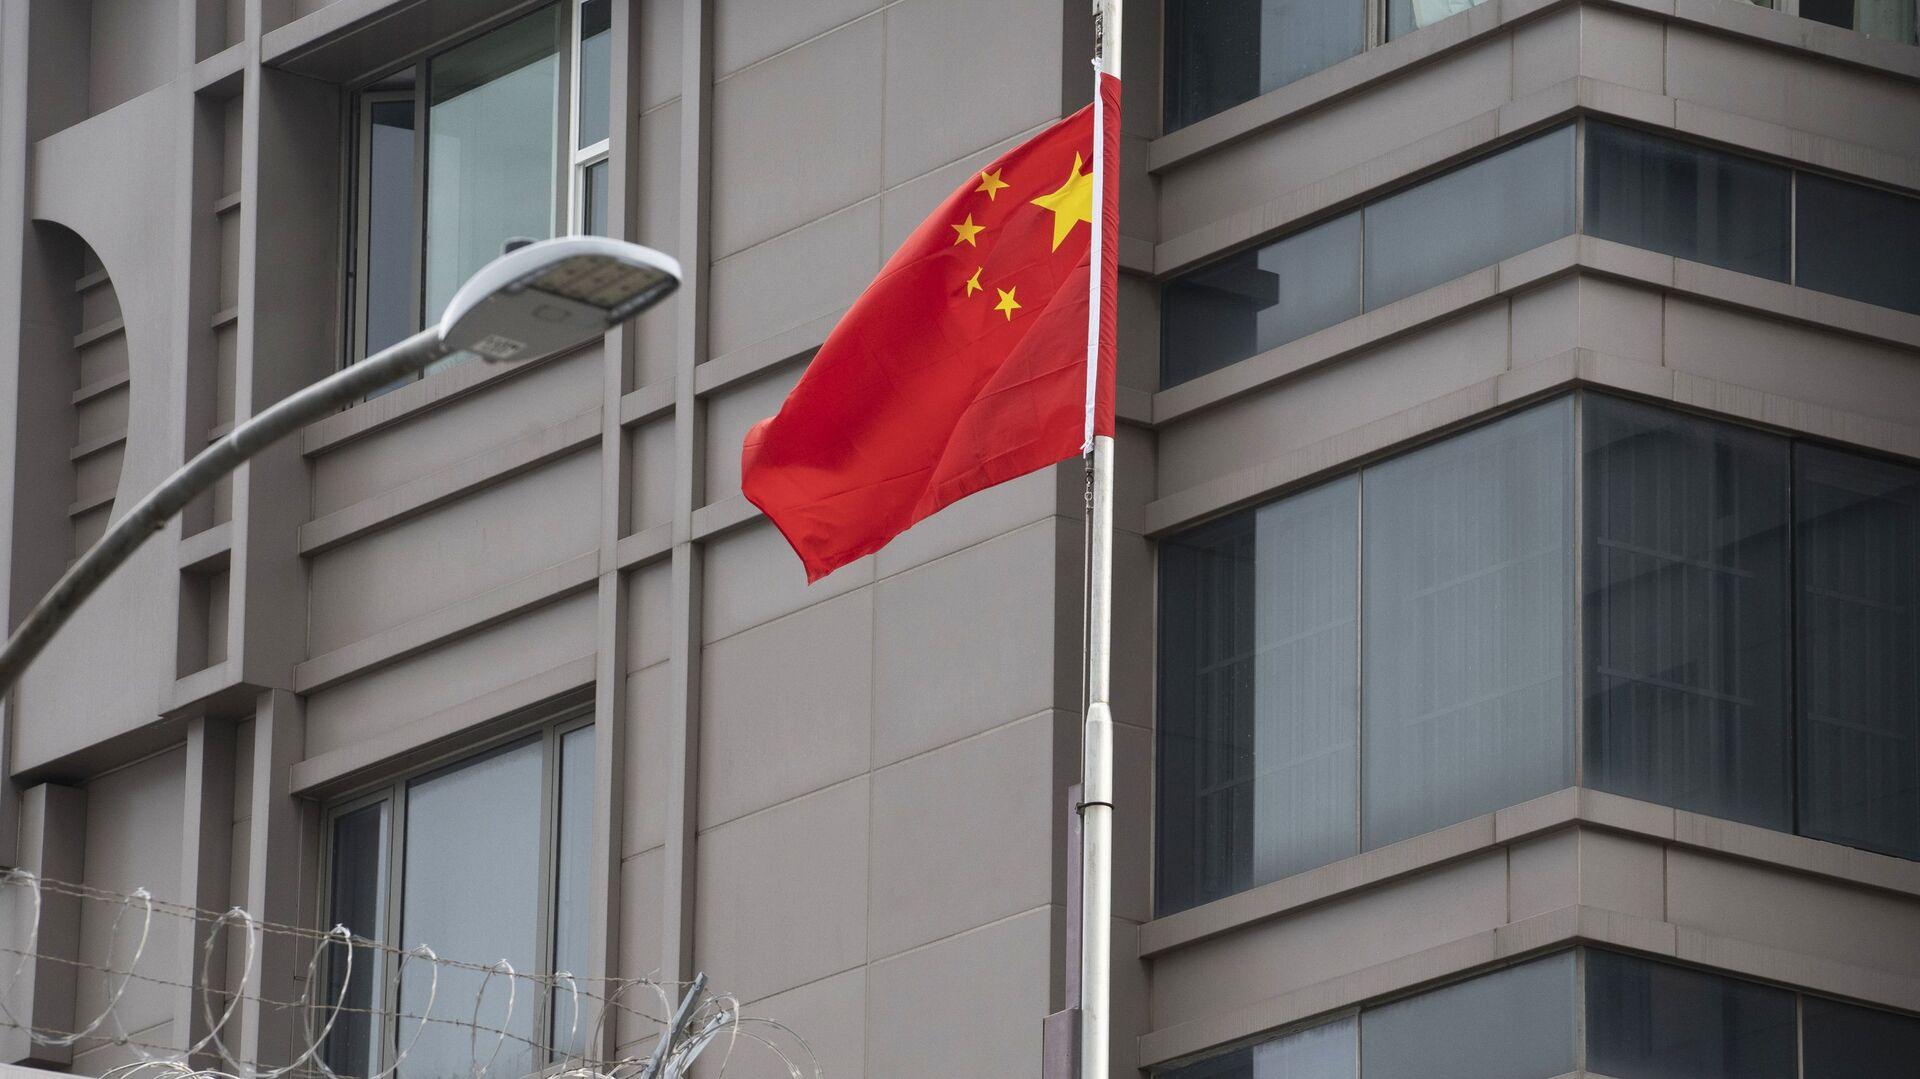 中国の旗 - Sputnik 日本, 1920, 13.06.2021